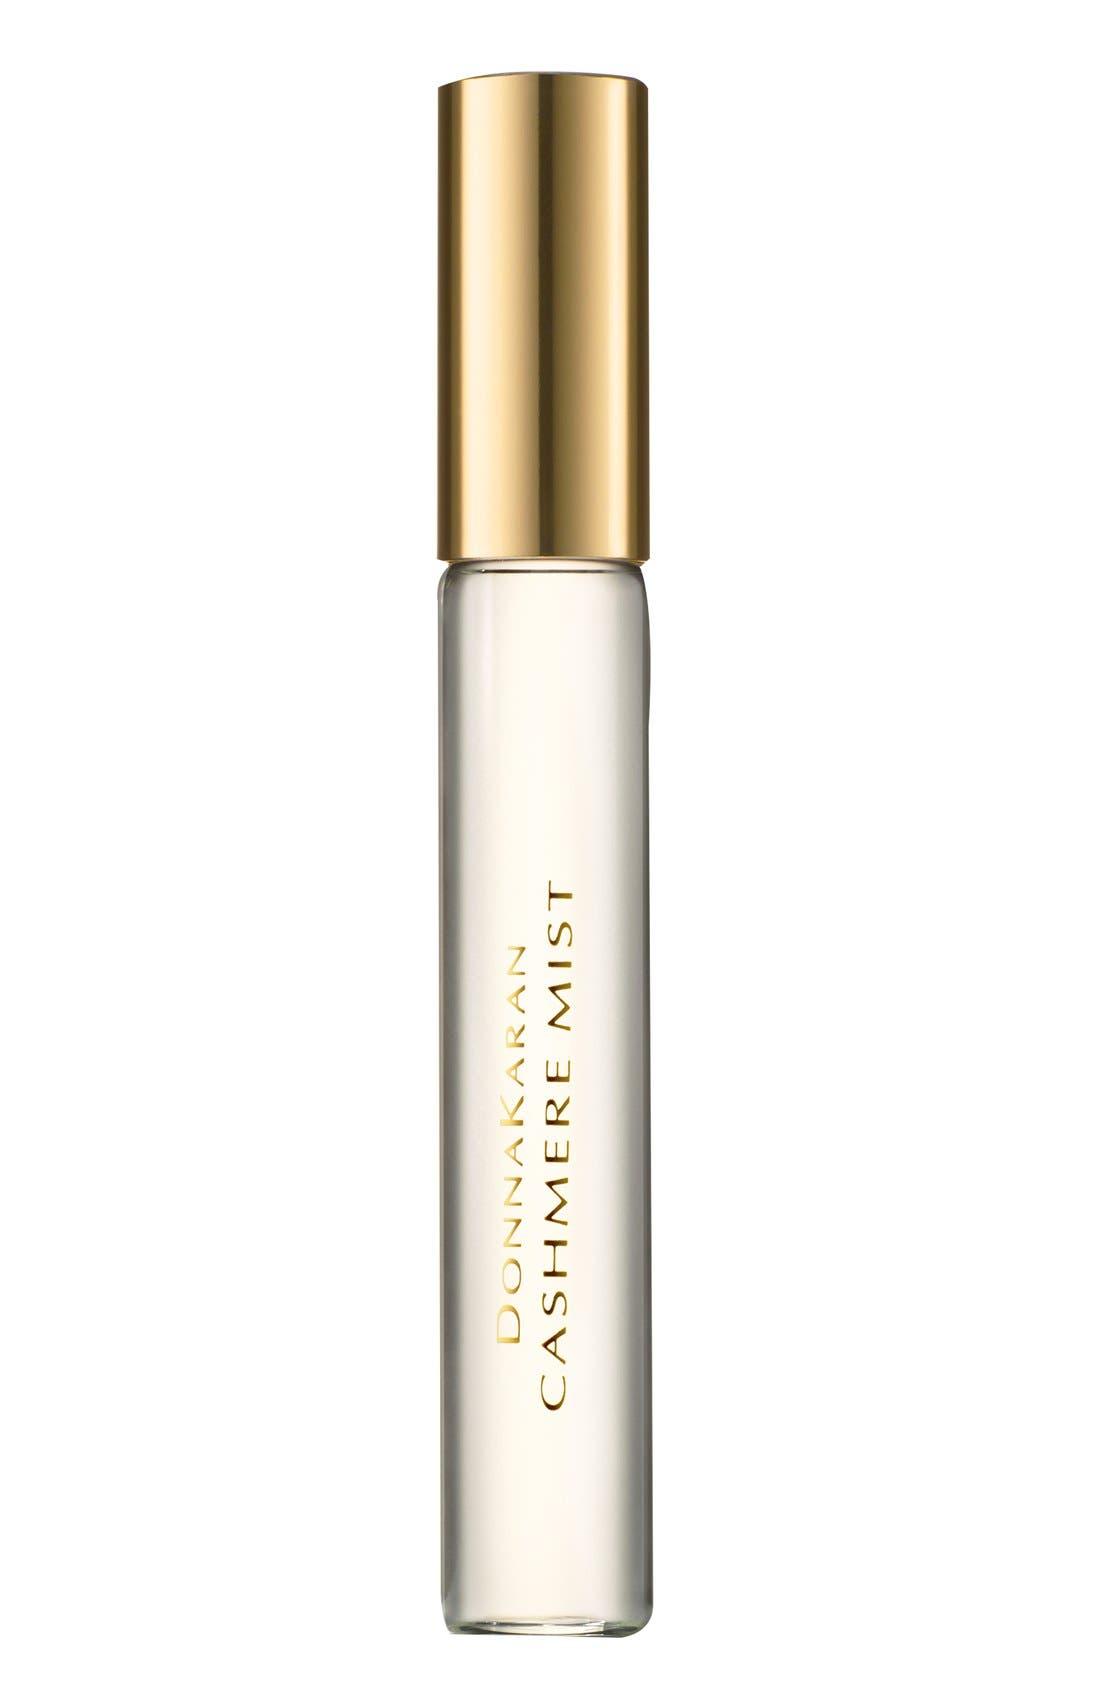 Donna Karan 'Cashmere Mist' Eau de Parfum Rollerball